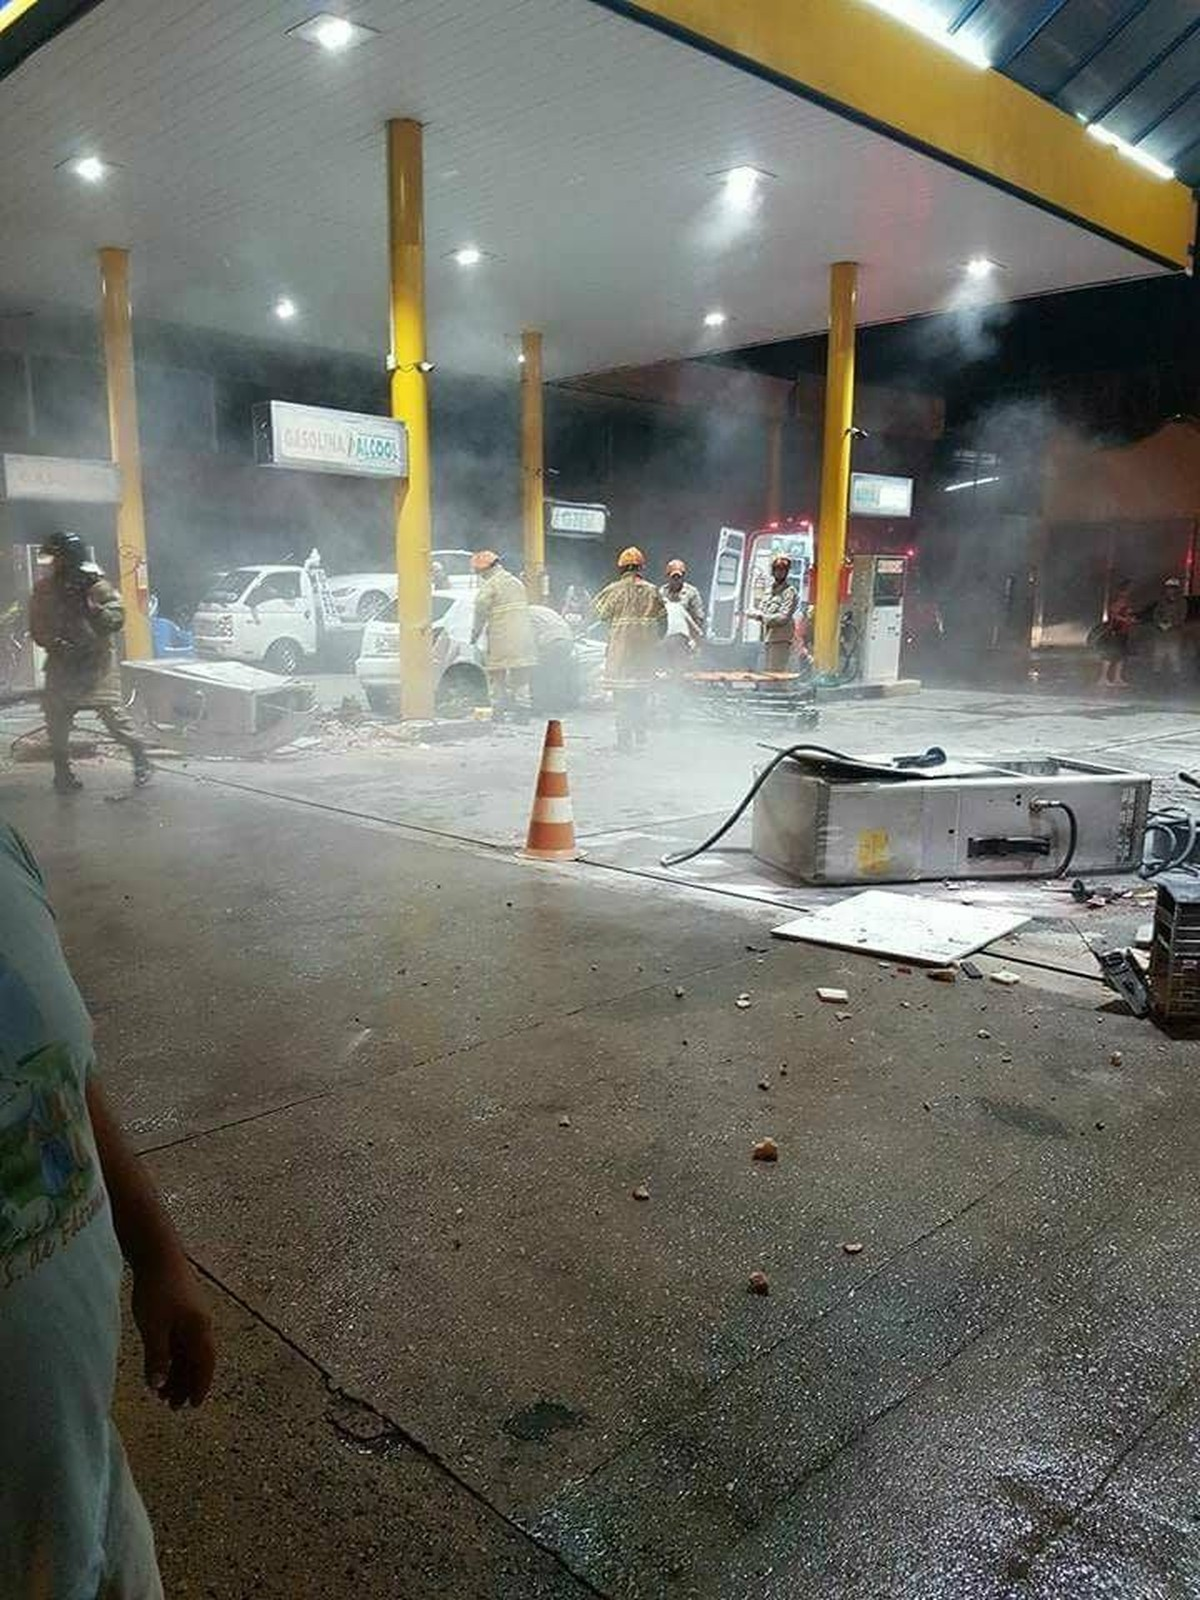 Posto tem vazamento após colisão de carro contra bombas de gasolina em Campos, no RJ